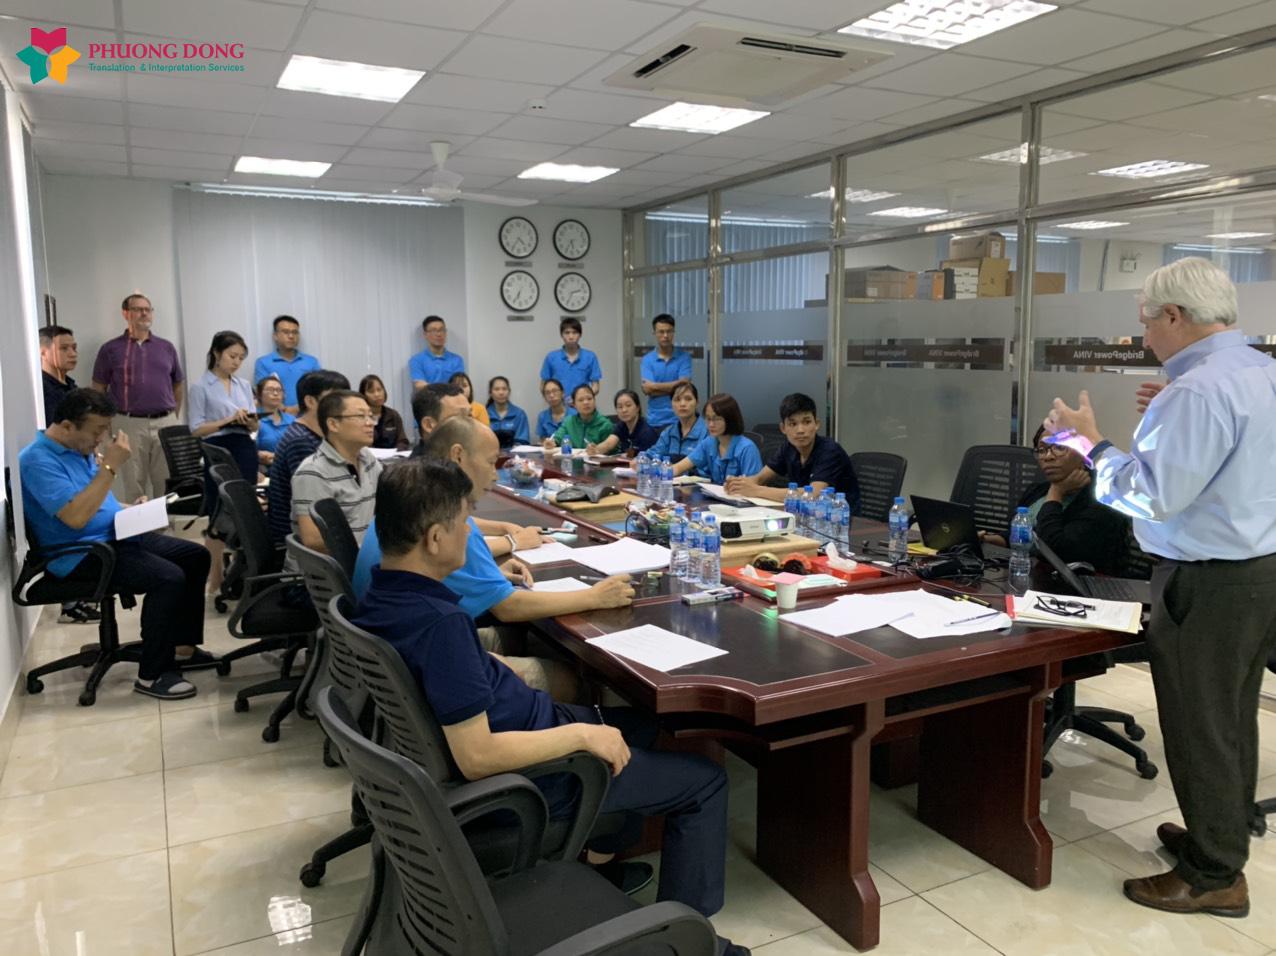 Hình ảnh một buổi thông dịch cho Bridgepower Vina do Dịch Thuật Phương Đông thực hiện.